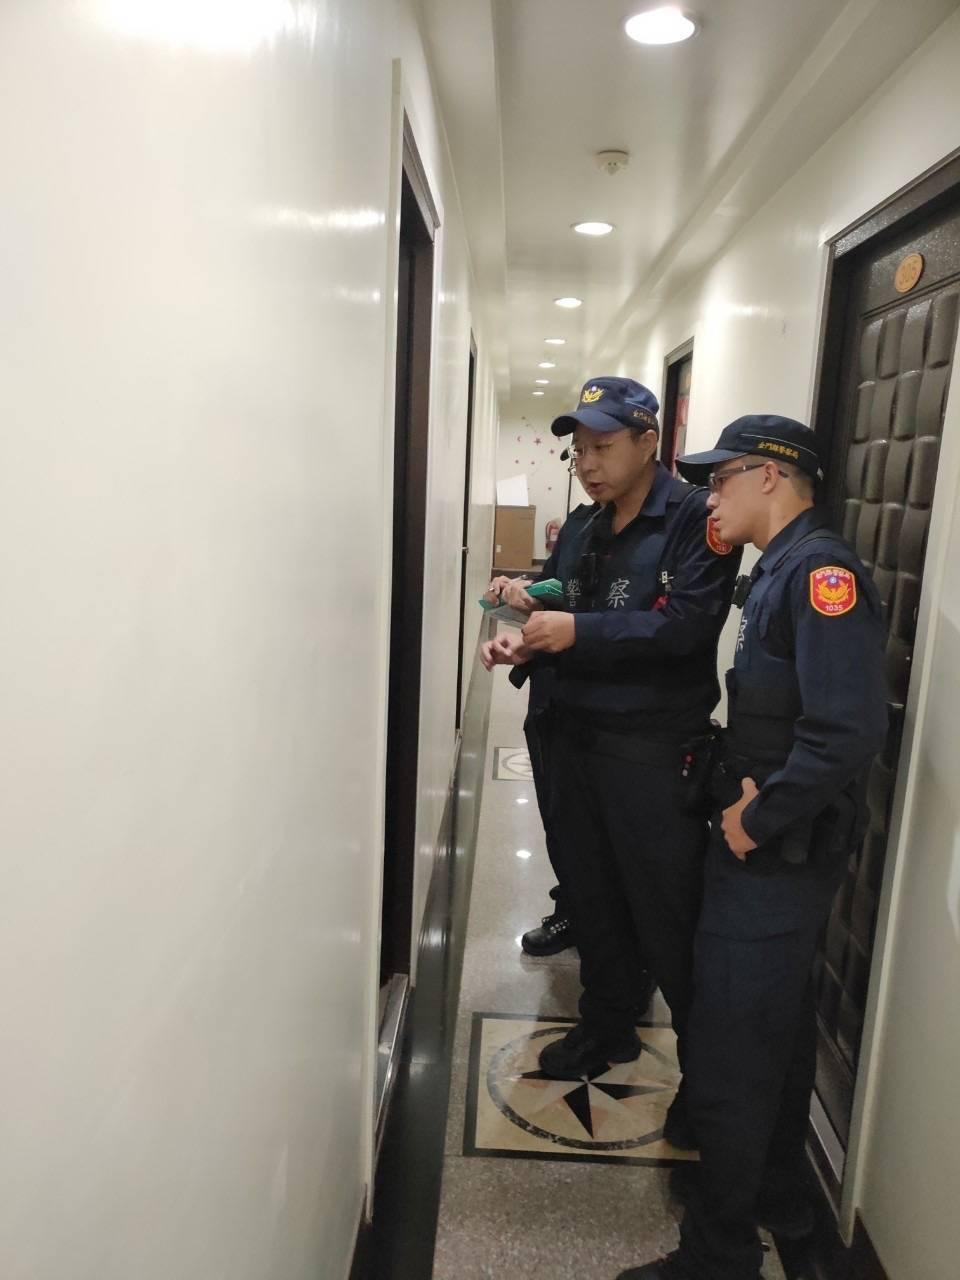 金门县警局金城分局藉由「清楼专案」统合规划所属警力针对辖内出入人口复杂、迁动频繁...